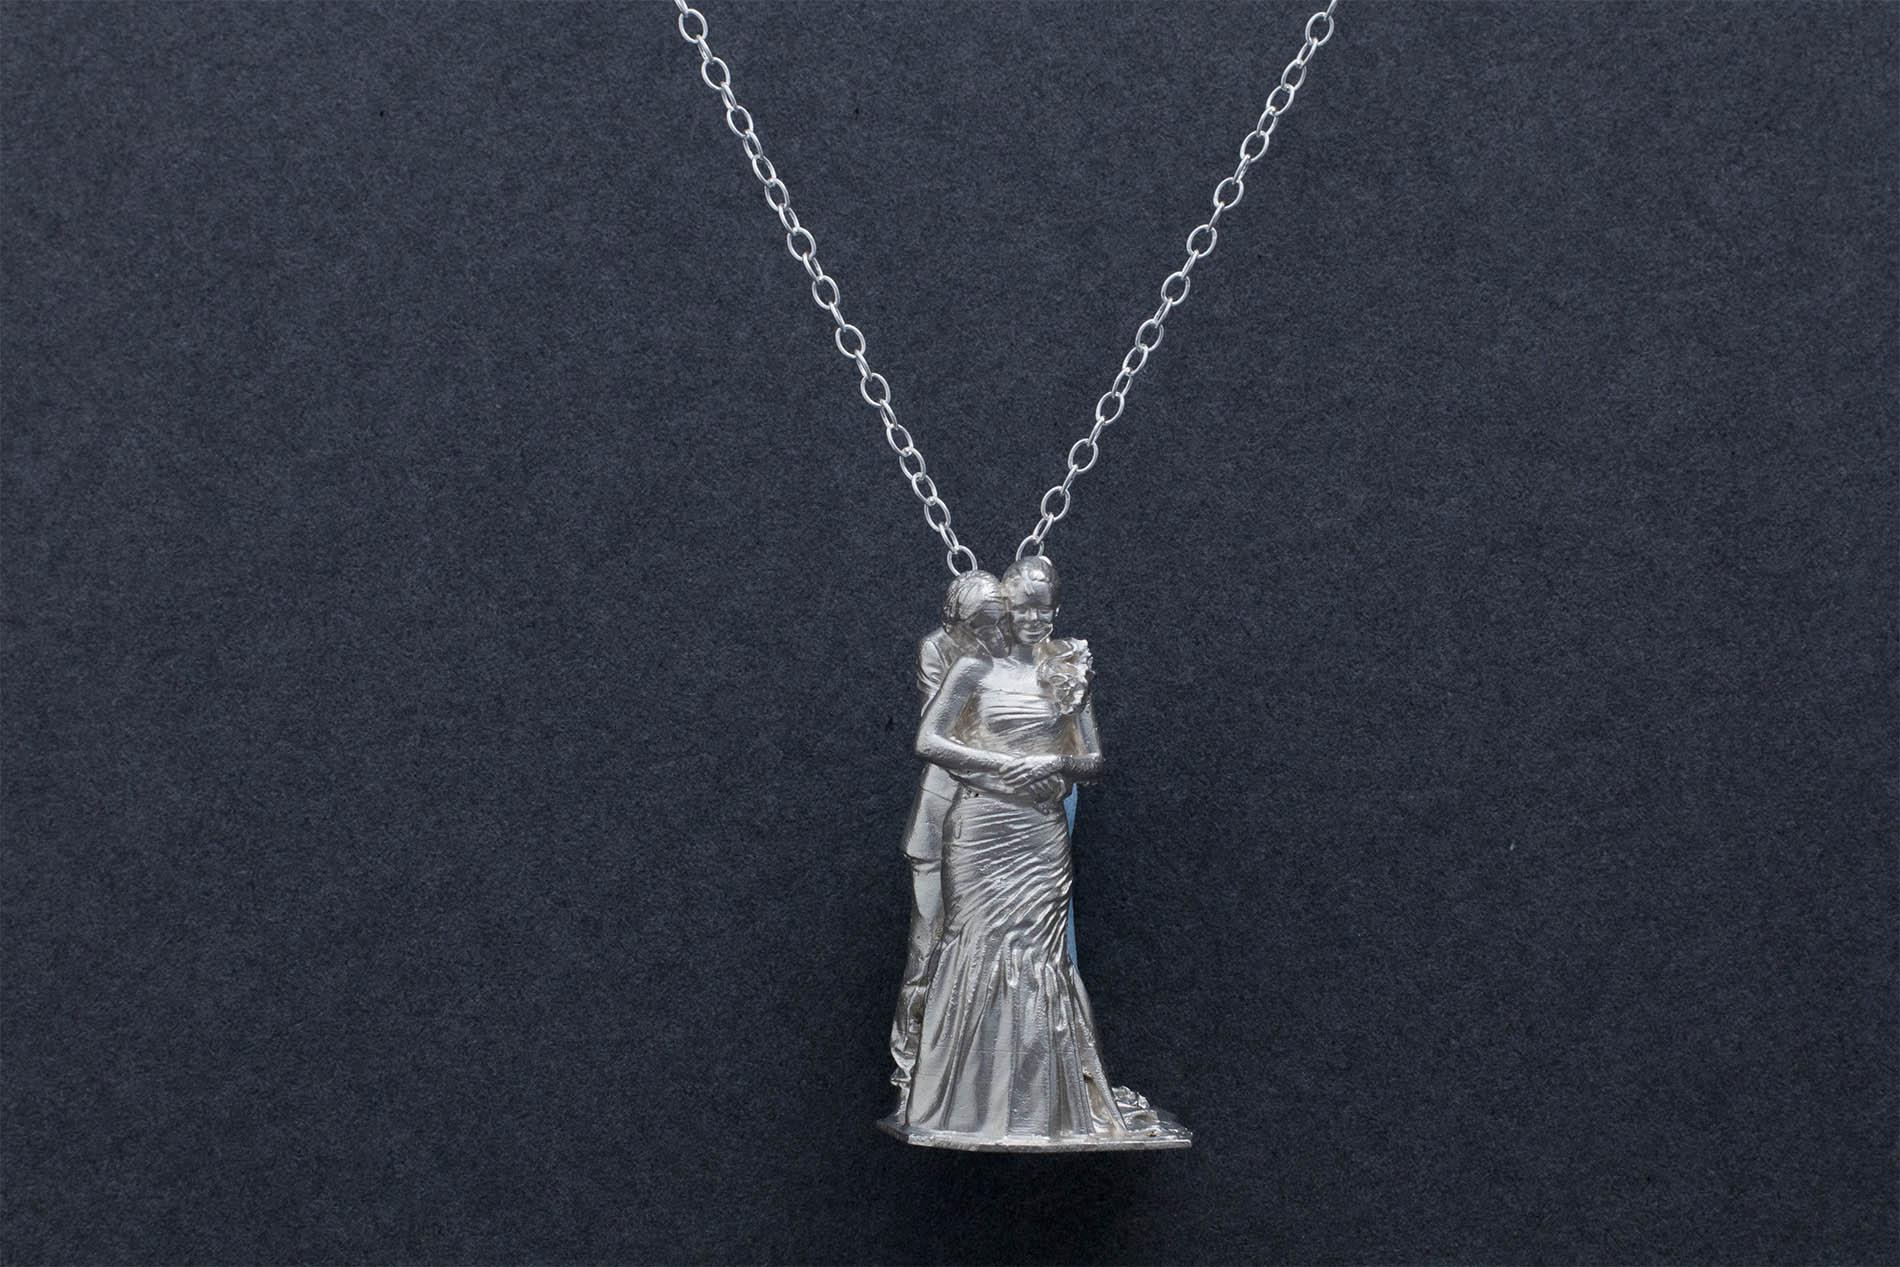 duo silver pendant